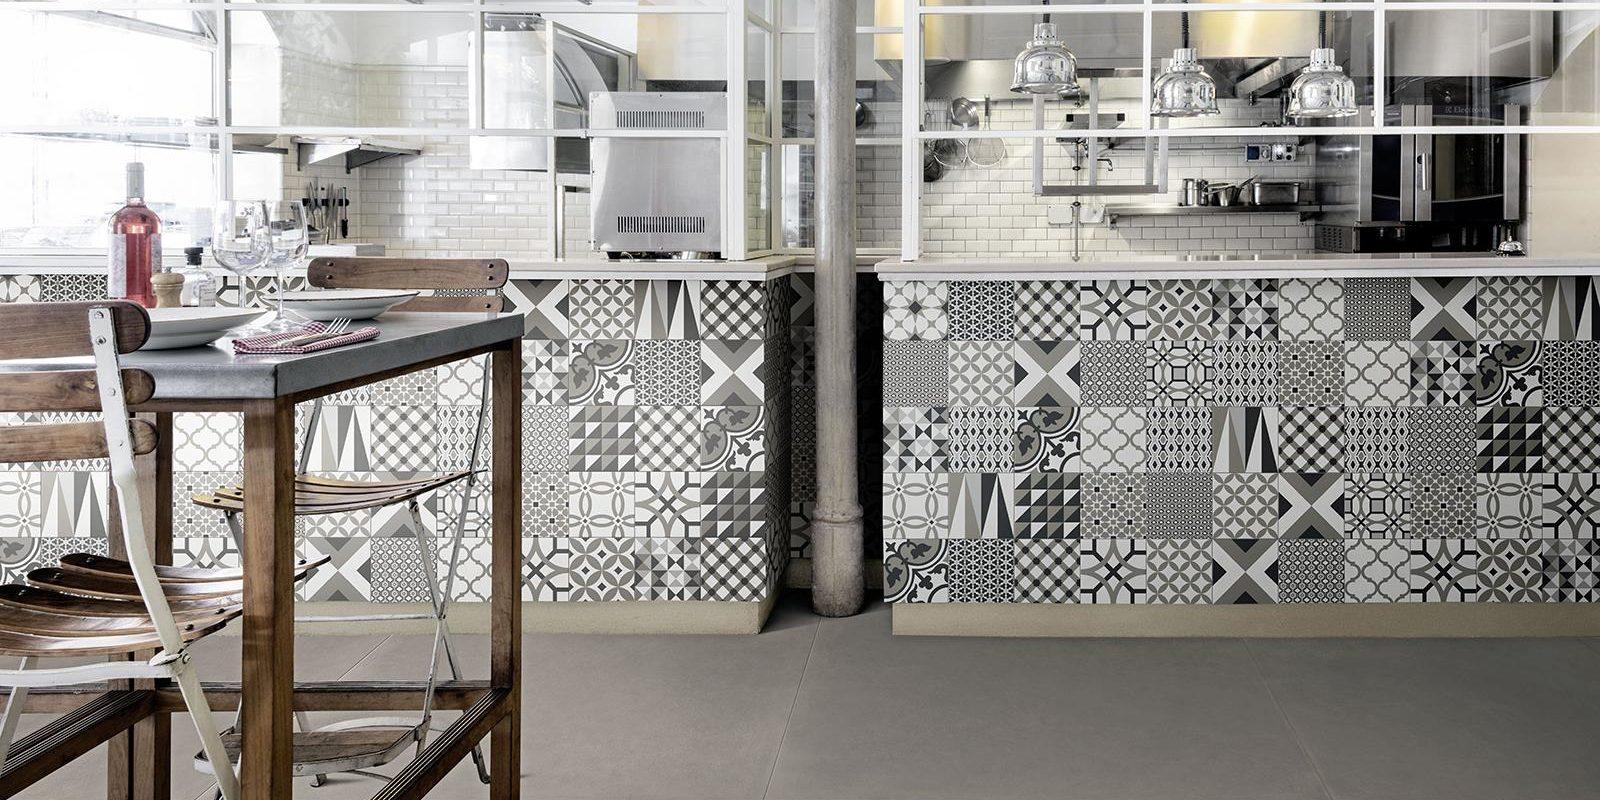 Piastrelle Decorative Per Tavoli piastrelle marazzi: collezione d_segni - habitare casa